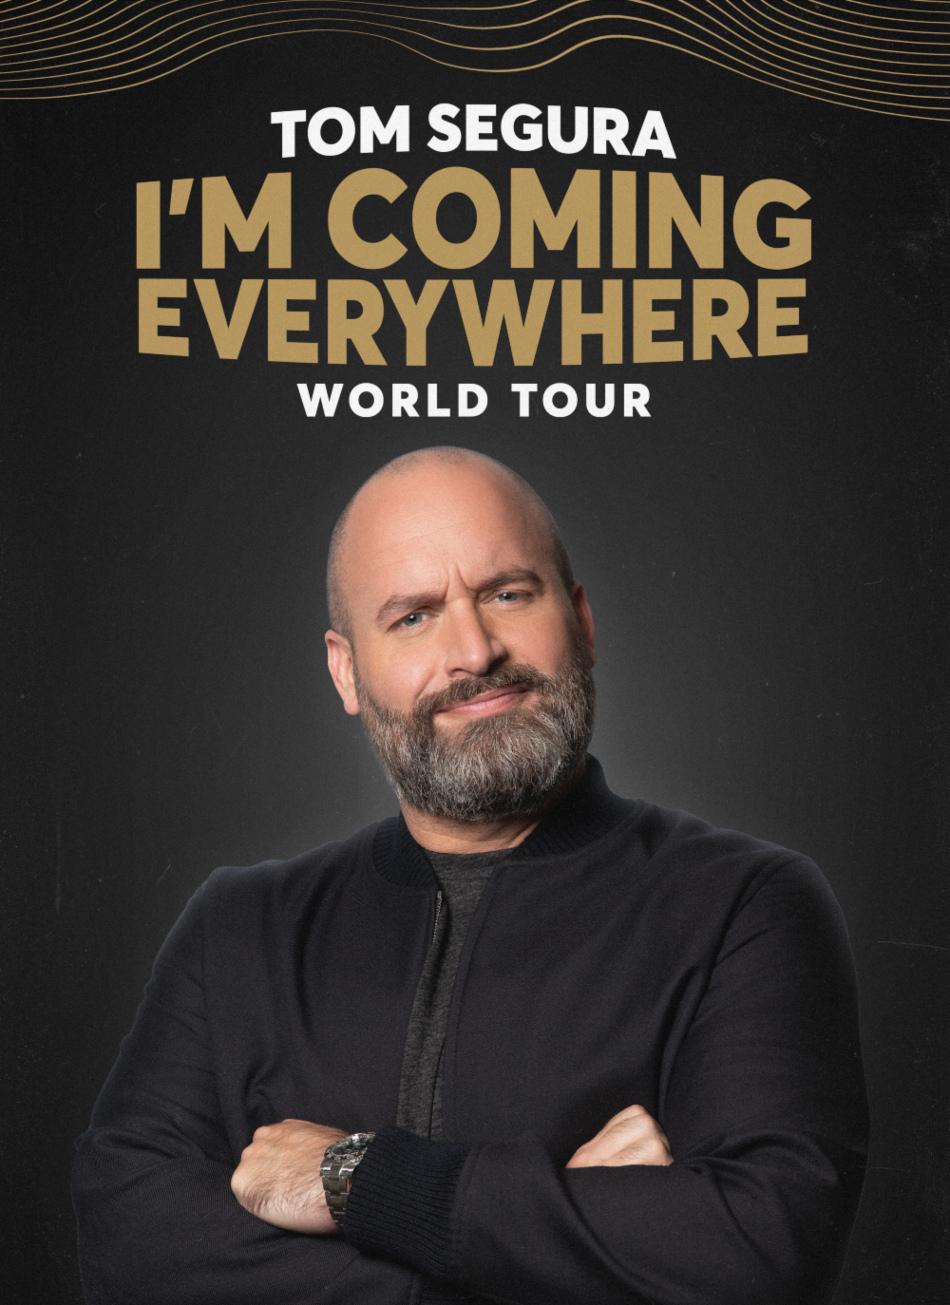 Image for TOM SEGURA: I'M COMING EVERYWHERE - WORLD TOUR